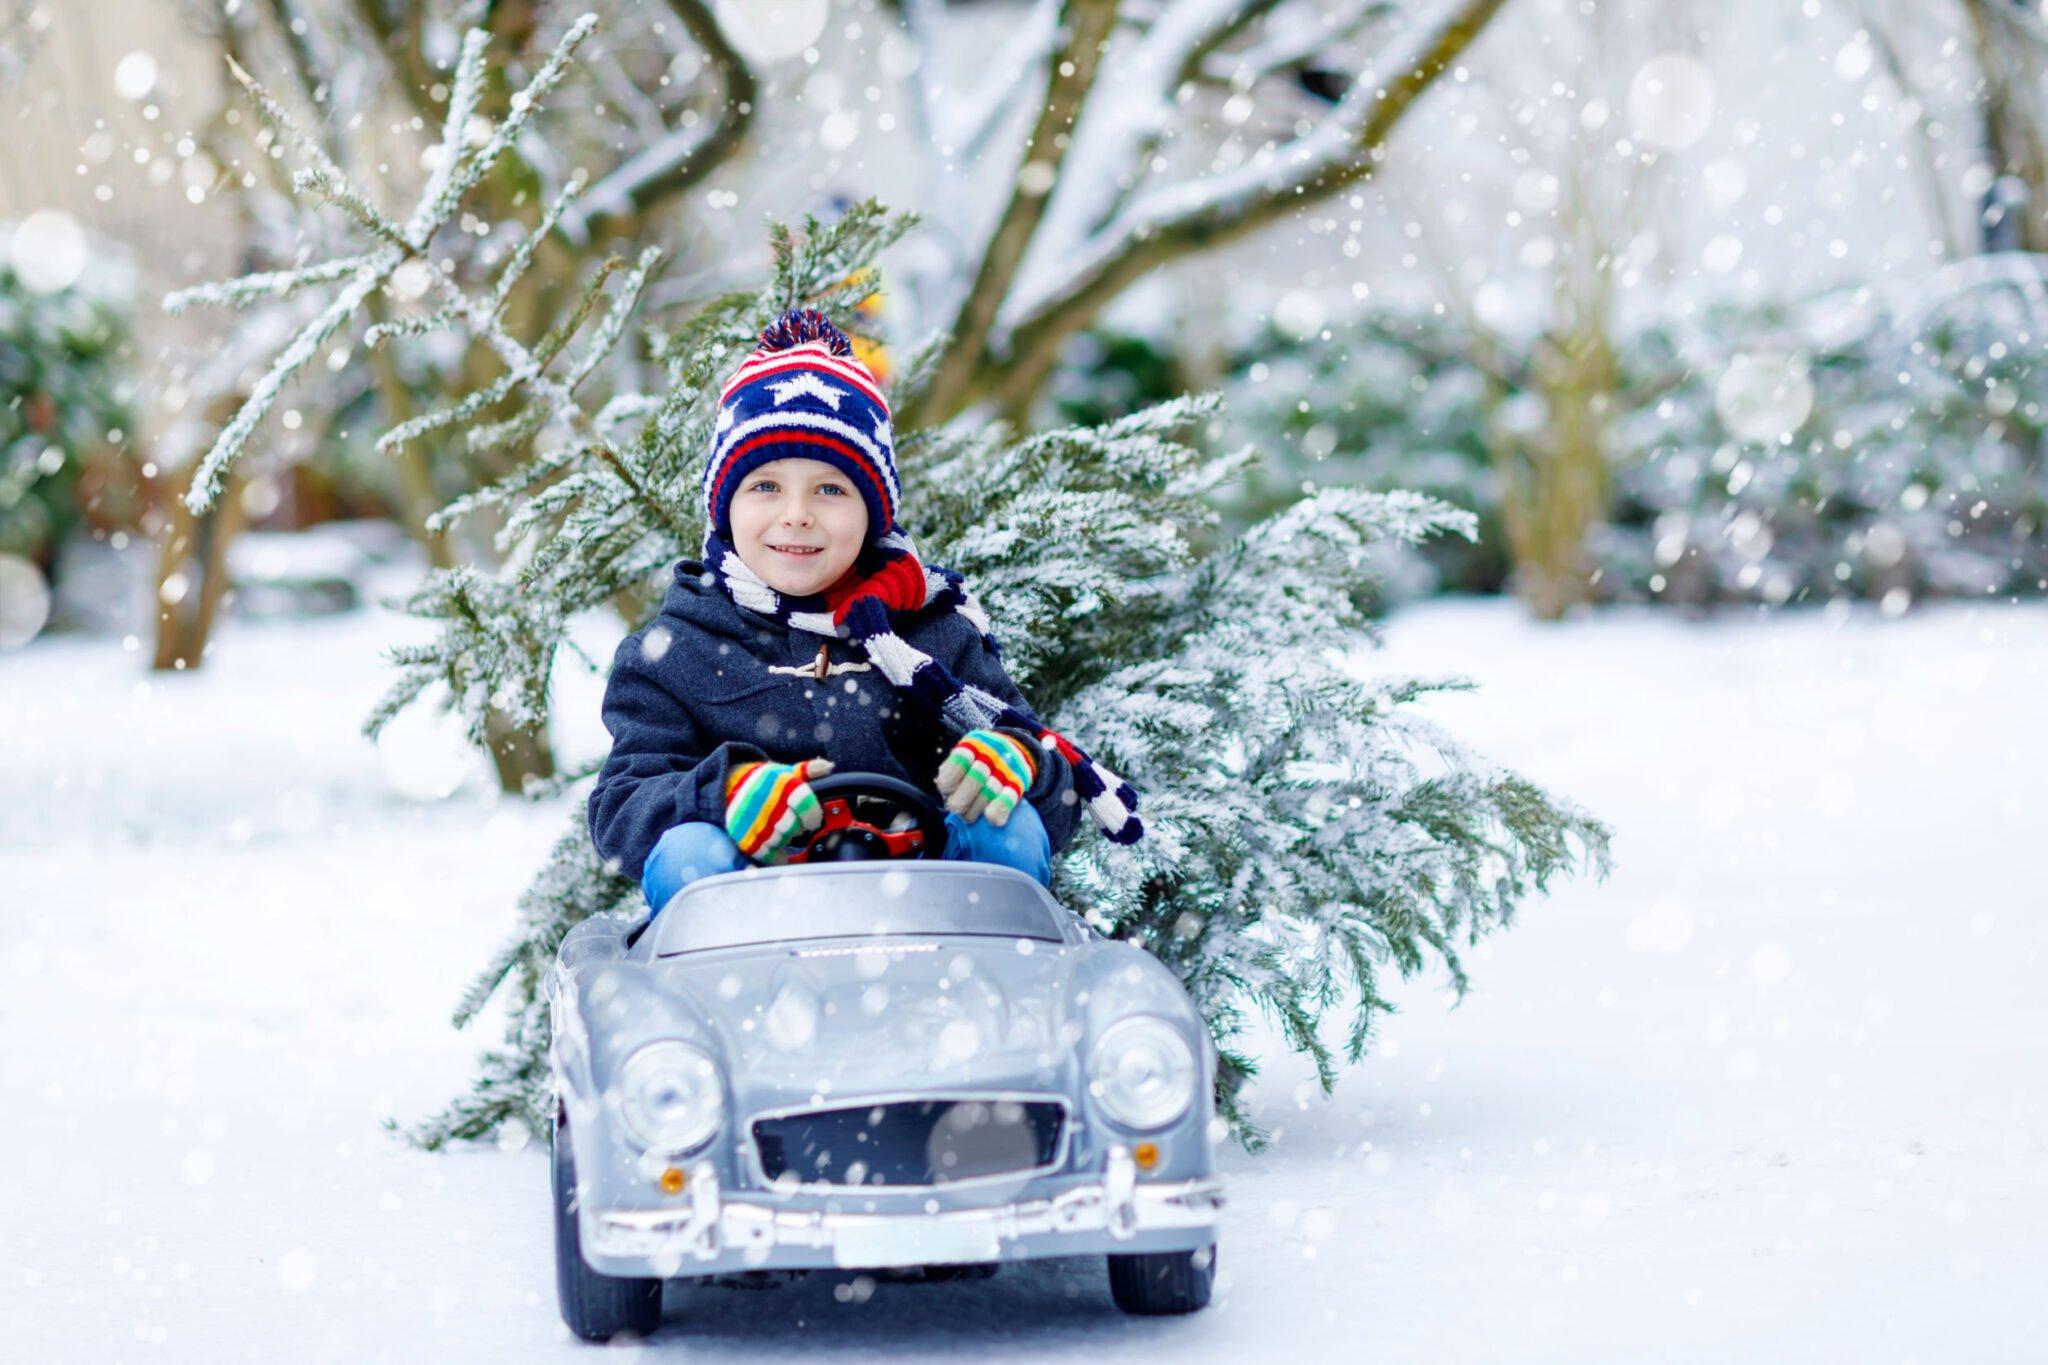 December bucket list; leuke en originele tips wat te doen met kinderen activiteiten, spelletjes en knutselen - Mamaliefde.nl